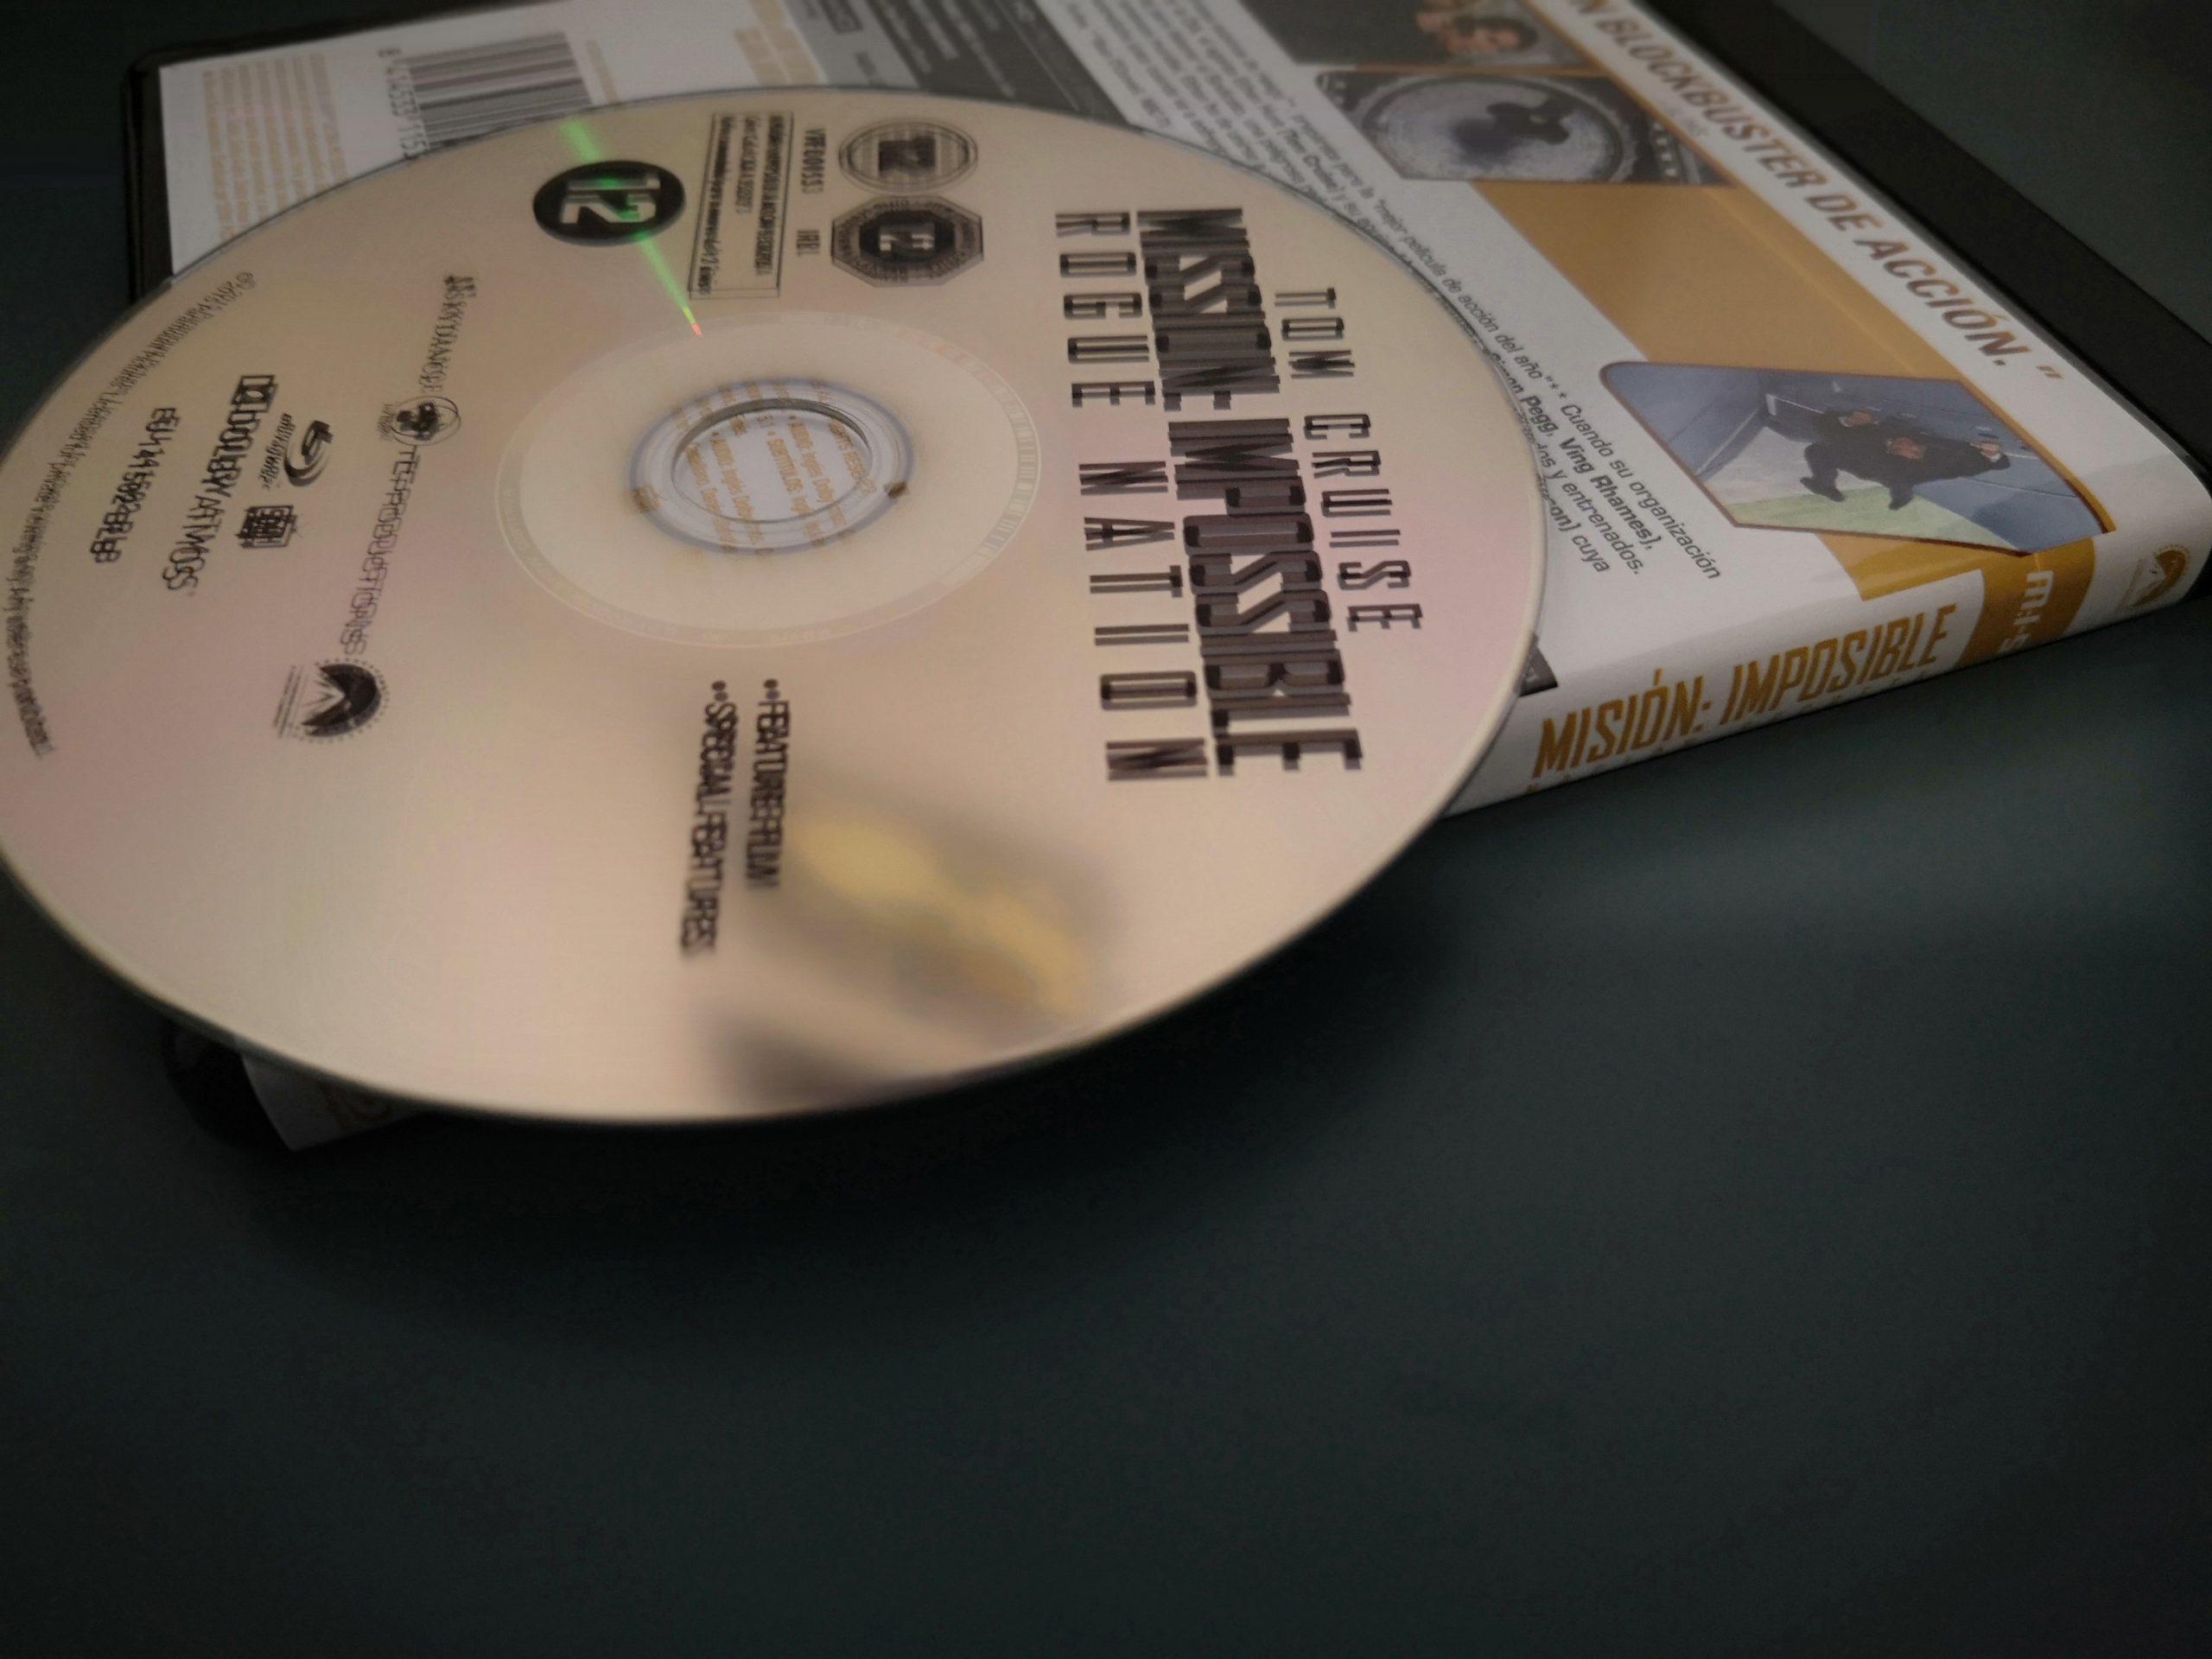 Misión Imposible 5 disco